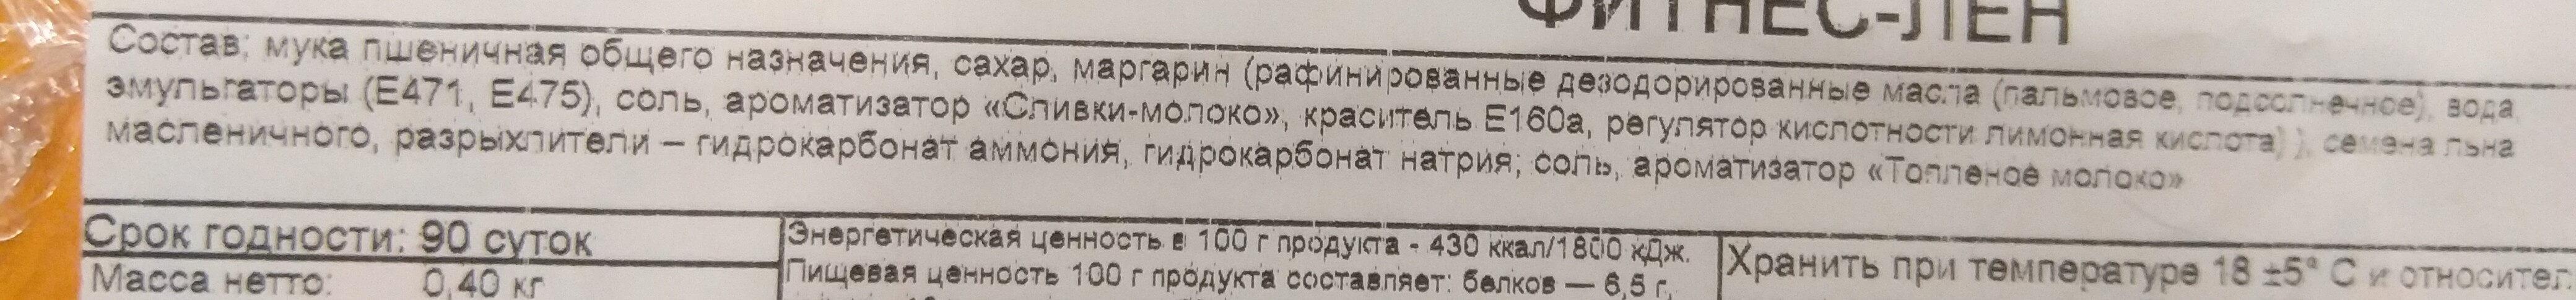 Сдобное печенье Фитнес-лен - Ингредиенты - ru